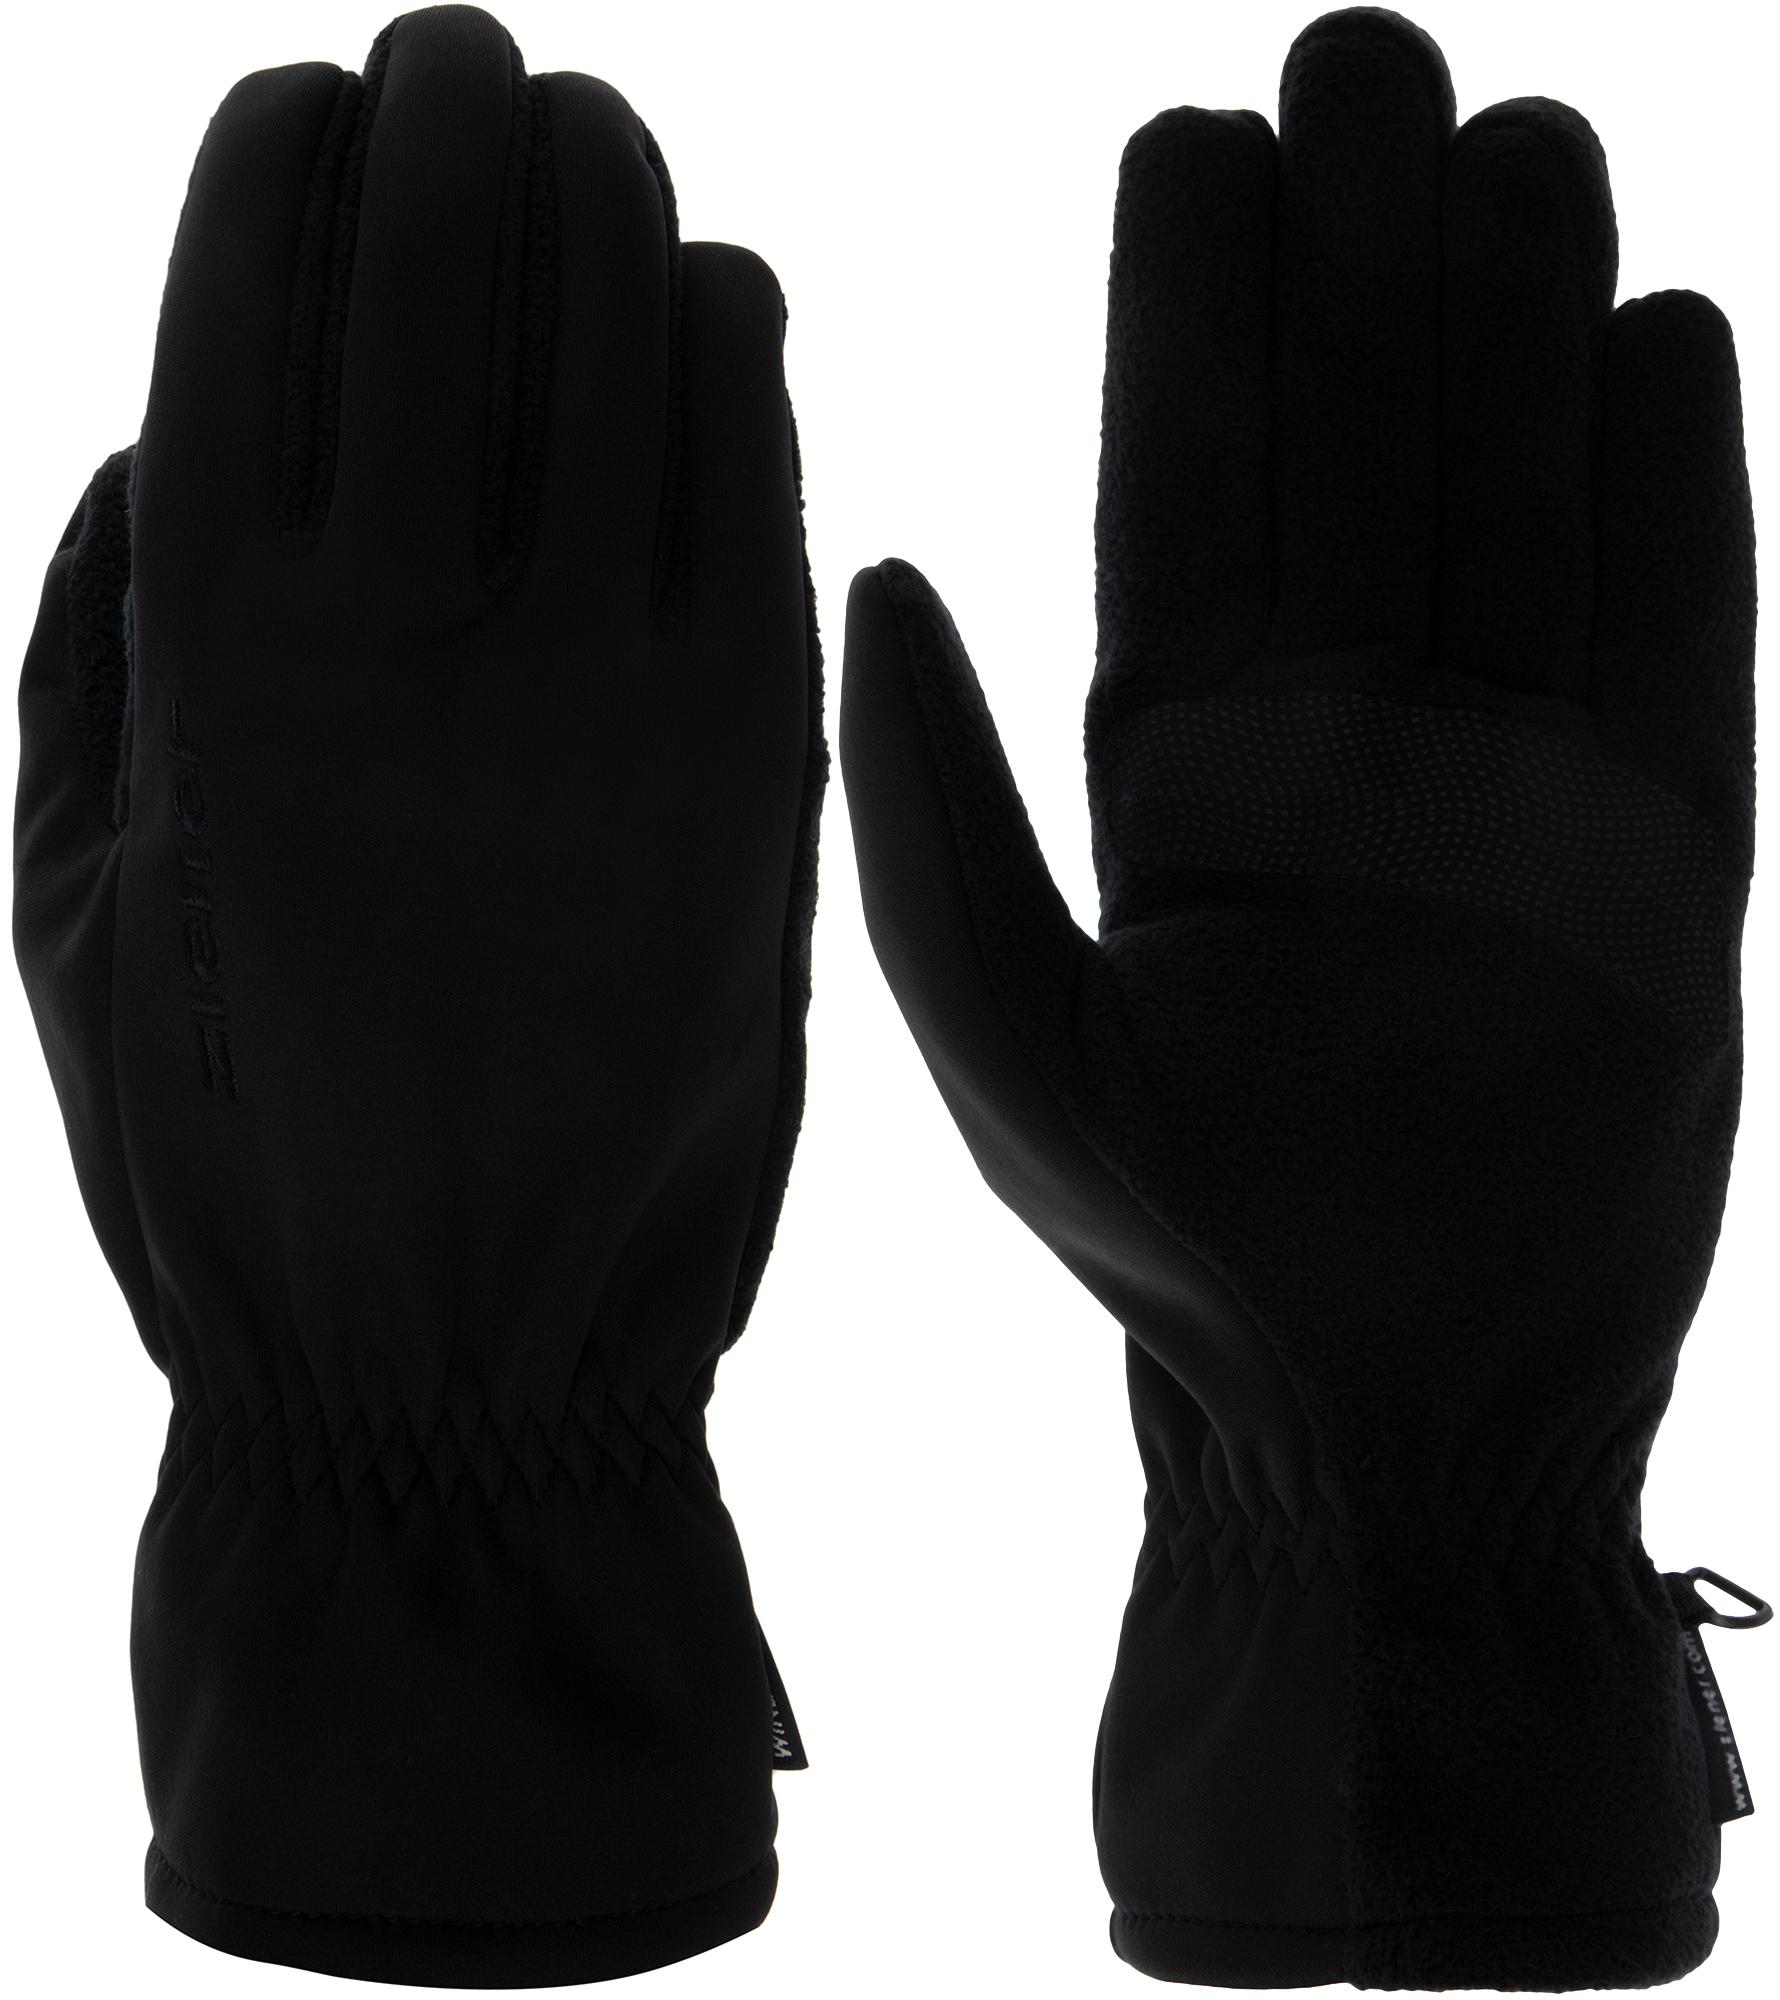 цена на Ziener Перчатки Ziener, размер 9